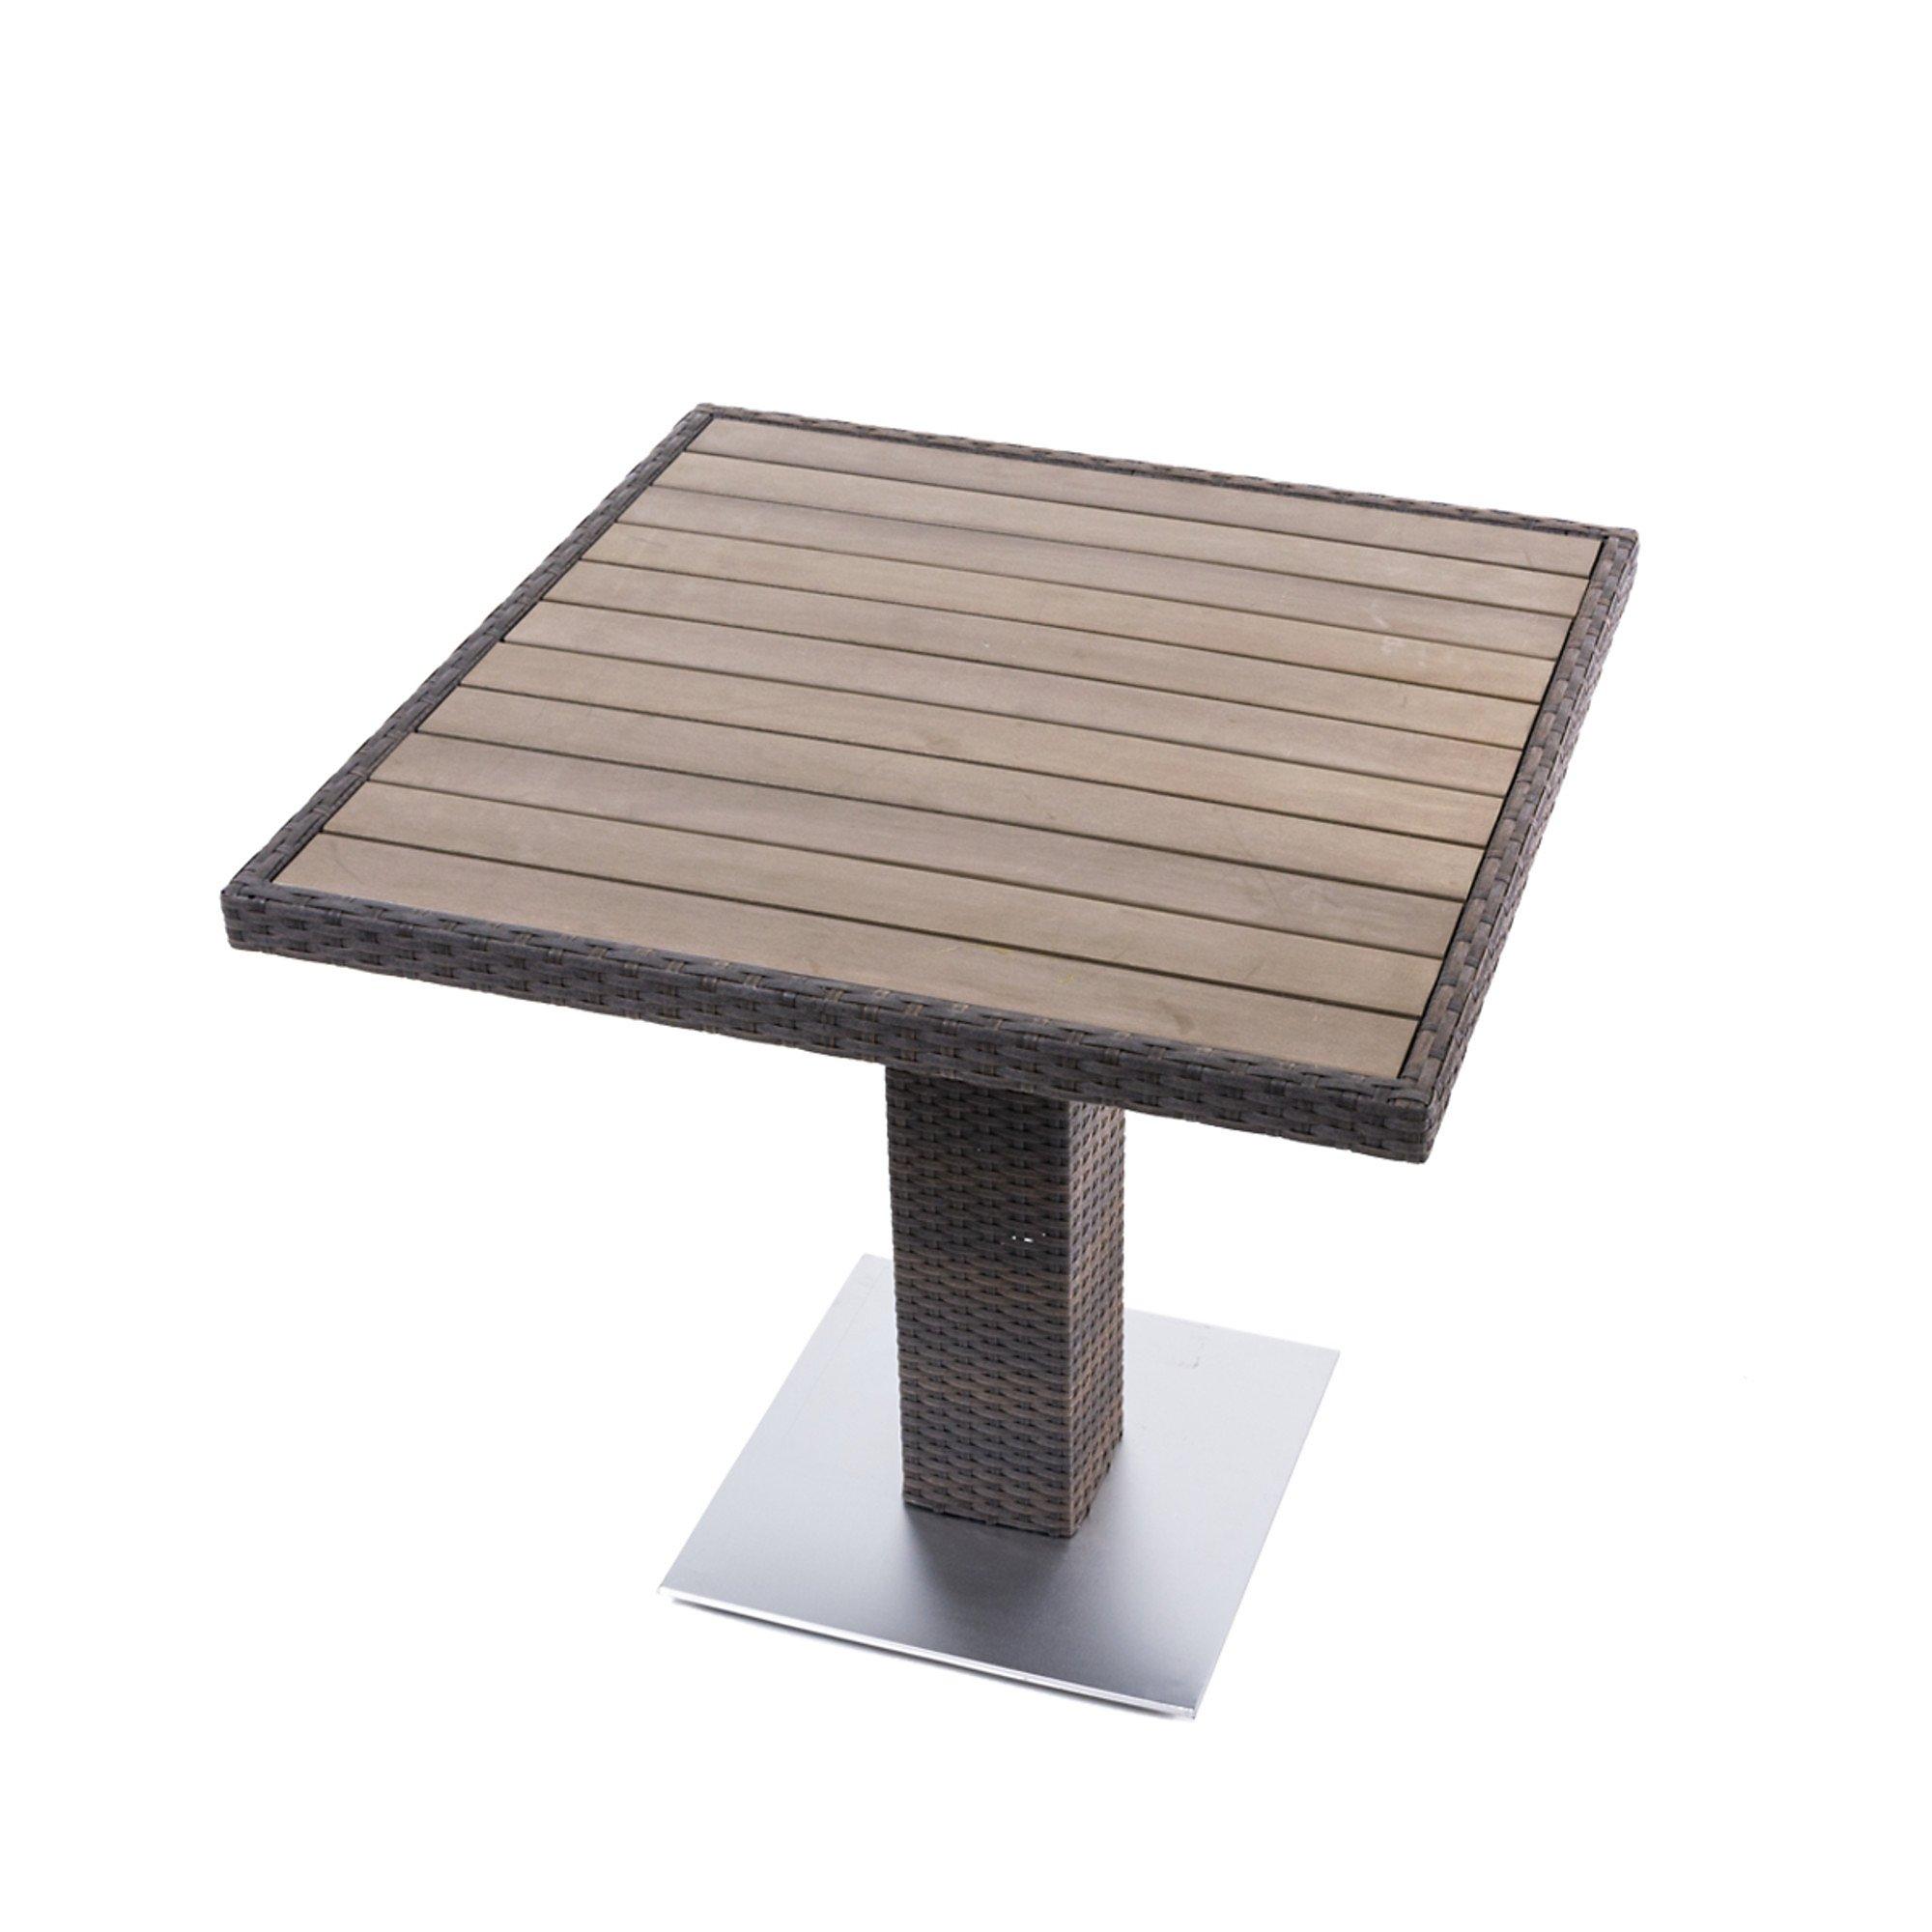 Gartentisch Sirmione 80x80 Cm Jetzt Bei Weltbild De Bestellen